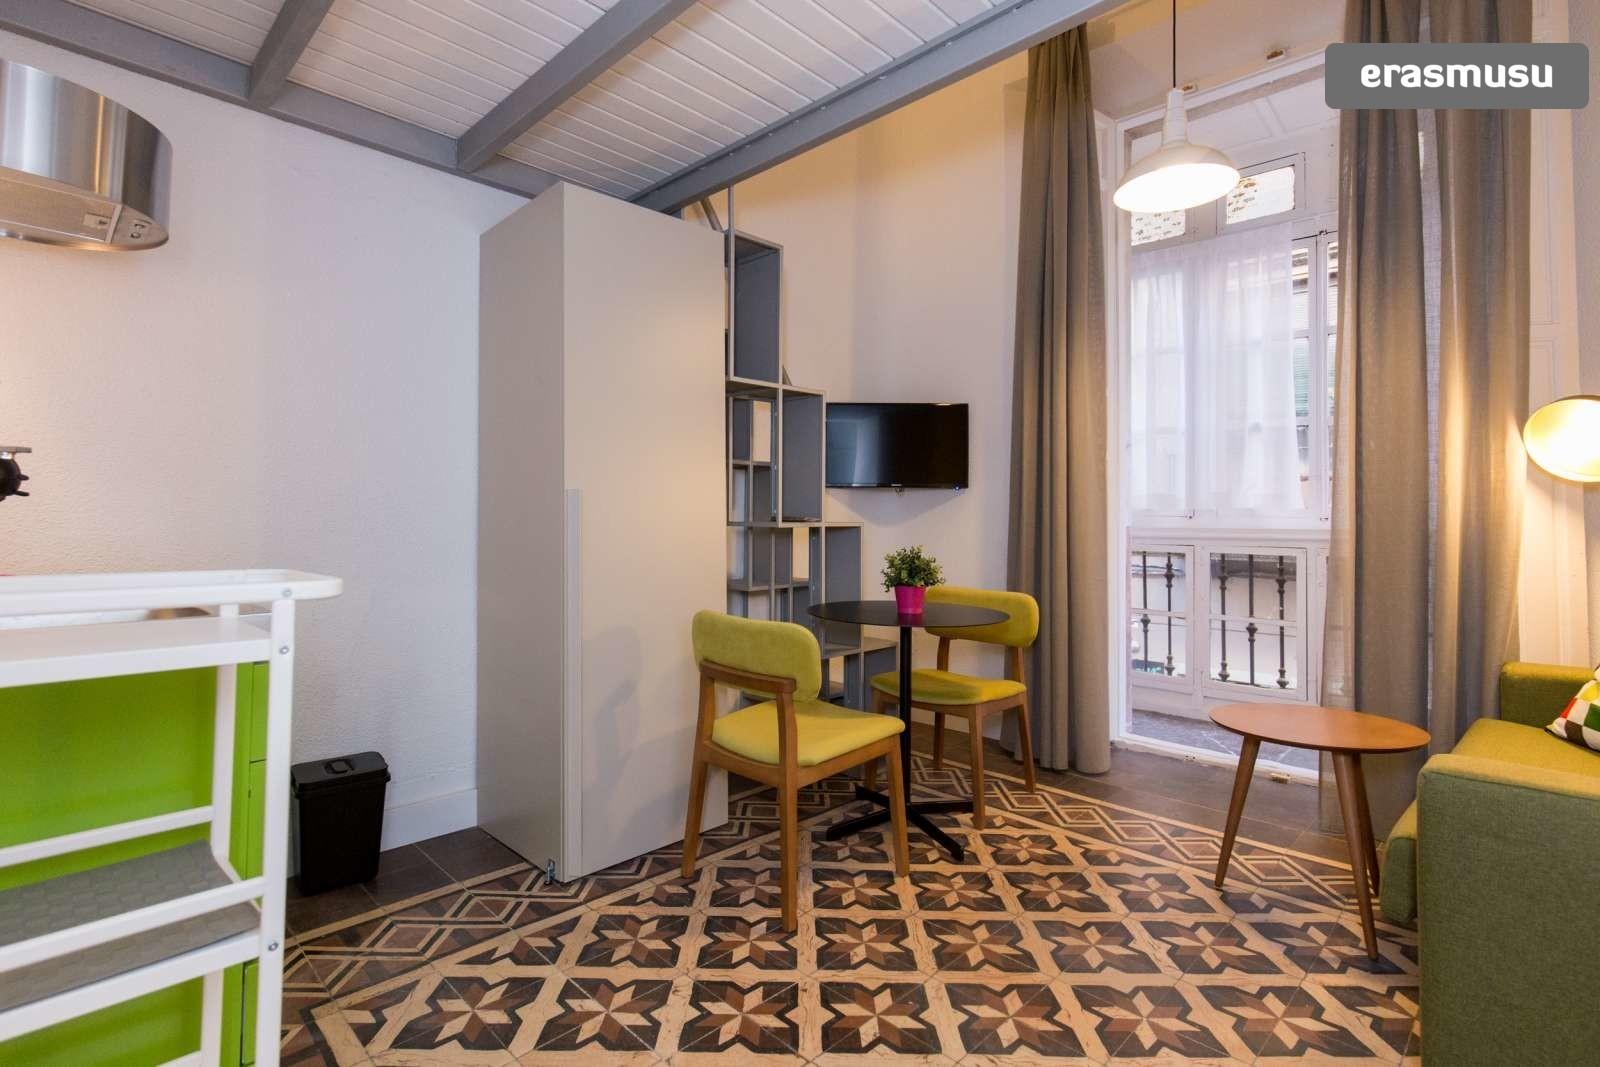 colourful-studio-apartment-rent-city-centre-18e2e7561dfaa8e5d88c